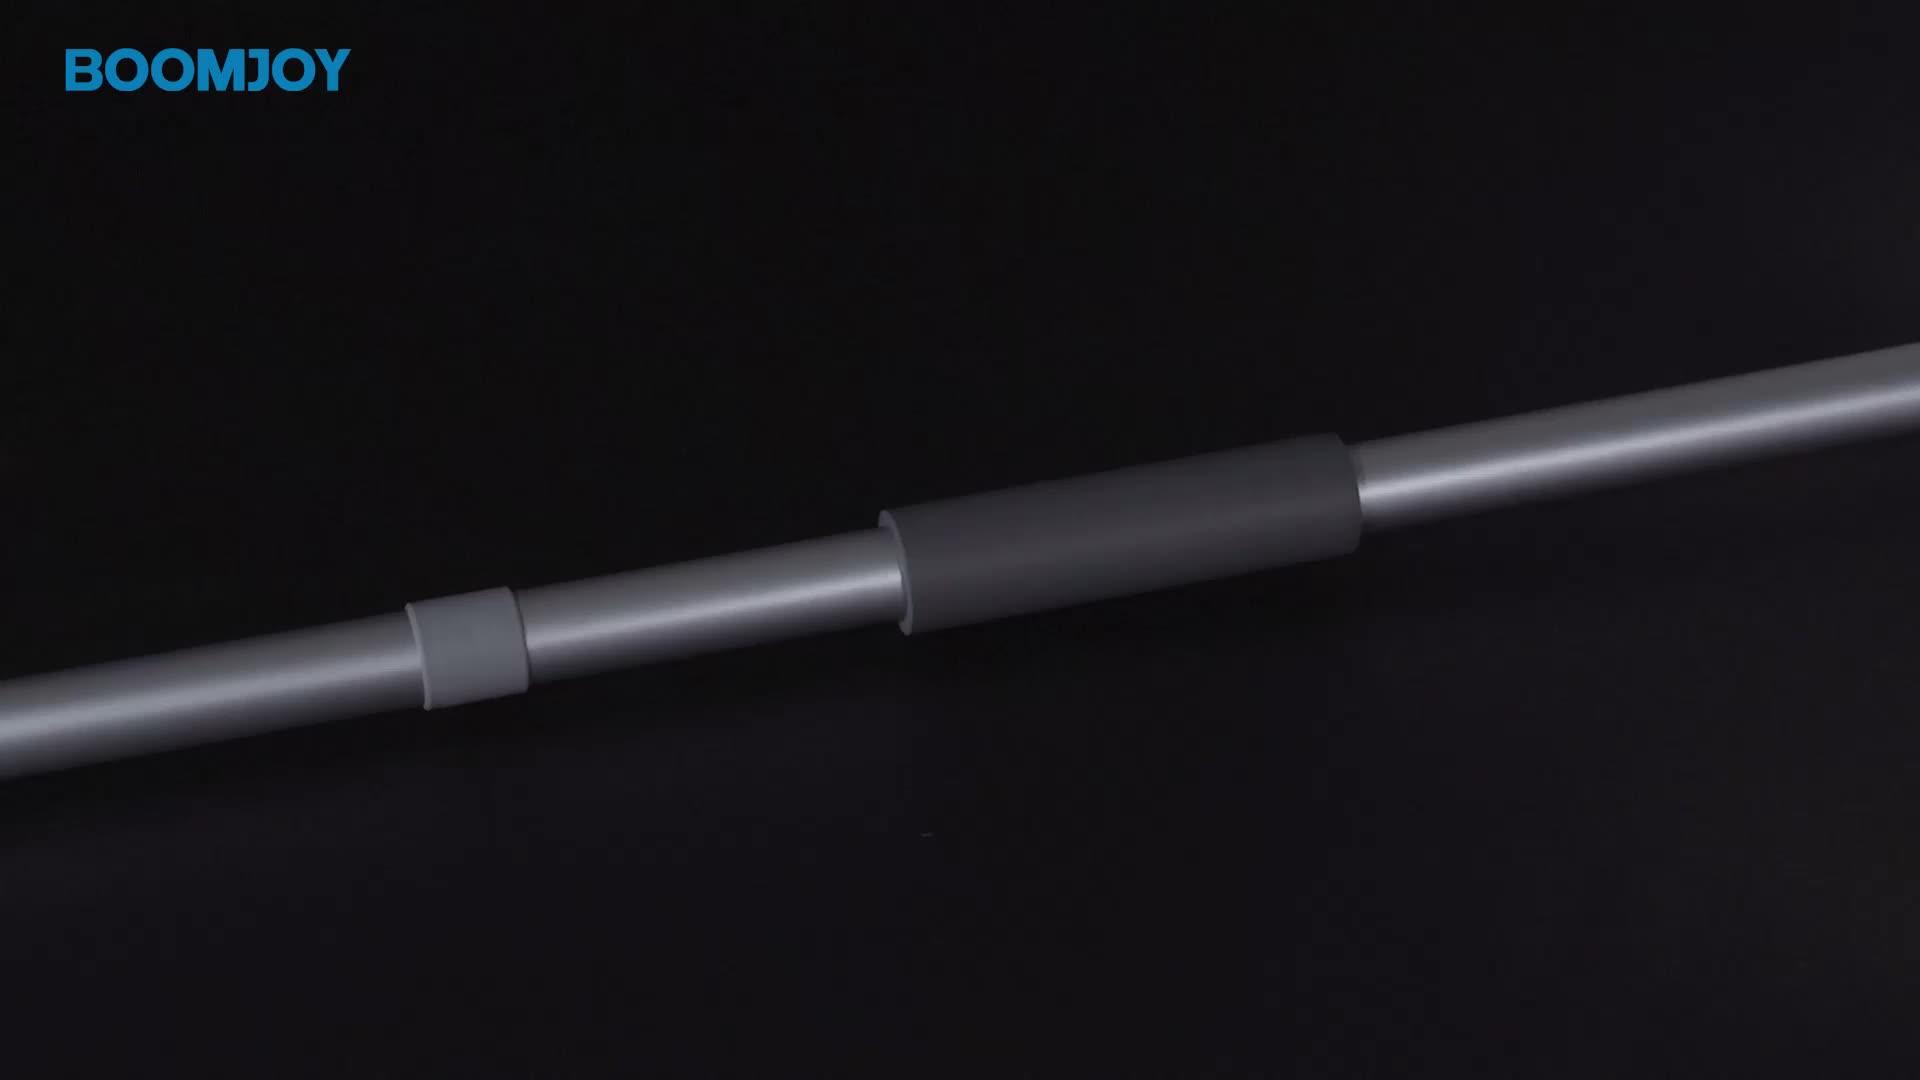 Boomjoy P13 스프레이 마이크로 화이버의 셔닐 실 청소 mop 와 알루미늄 mop 극.